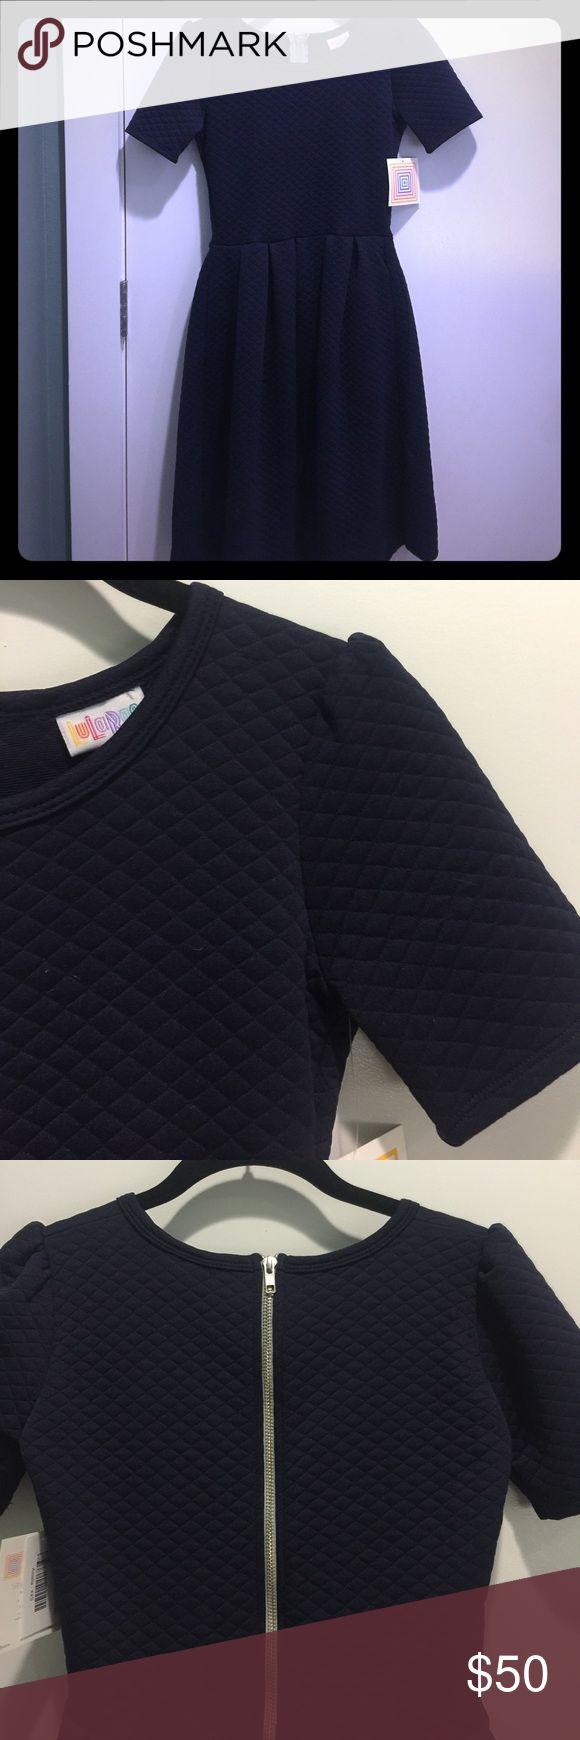 Lularoe navy blue quilted Amelia dress Lularoe Amelia dress in a navy blue quilted pattern, brand new with tags! LuLaRoe Dresses